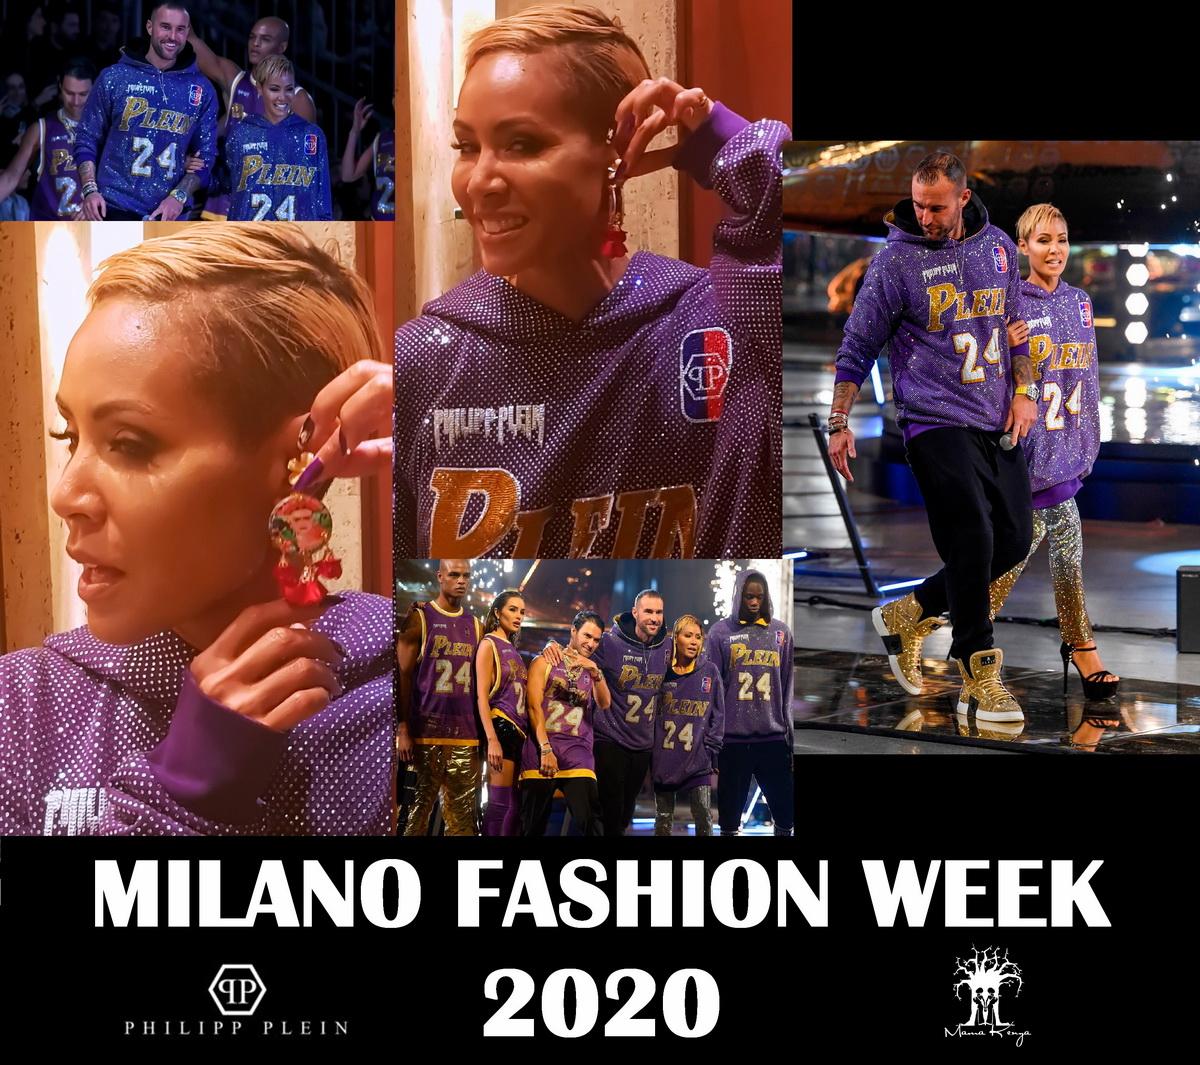 MILANO FASHION WEEK  -  PHILIPP PLEIN. SPRING/SUMMER 2020